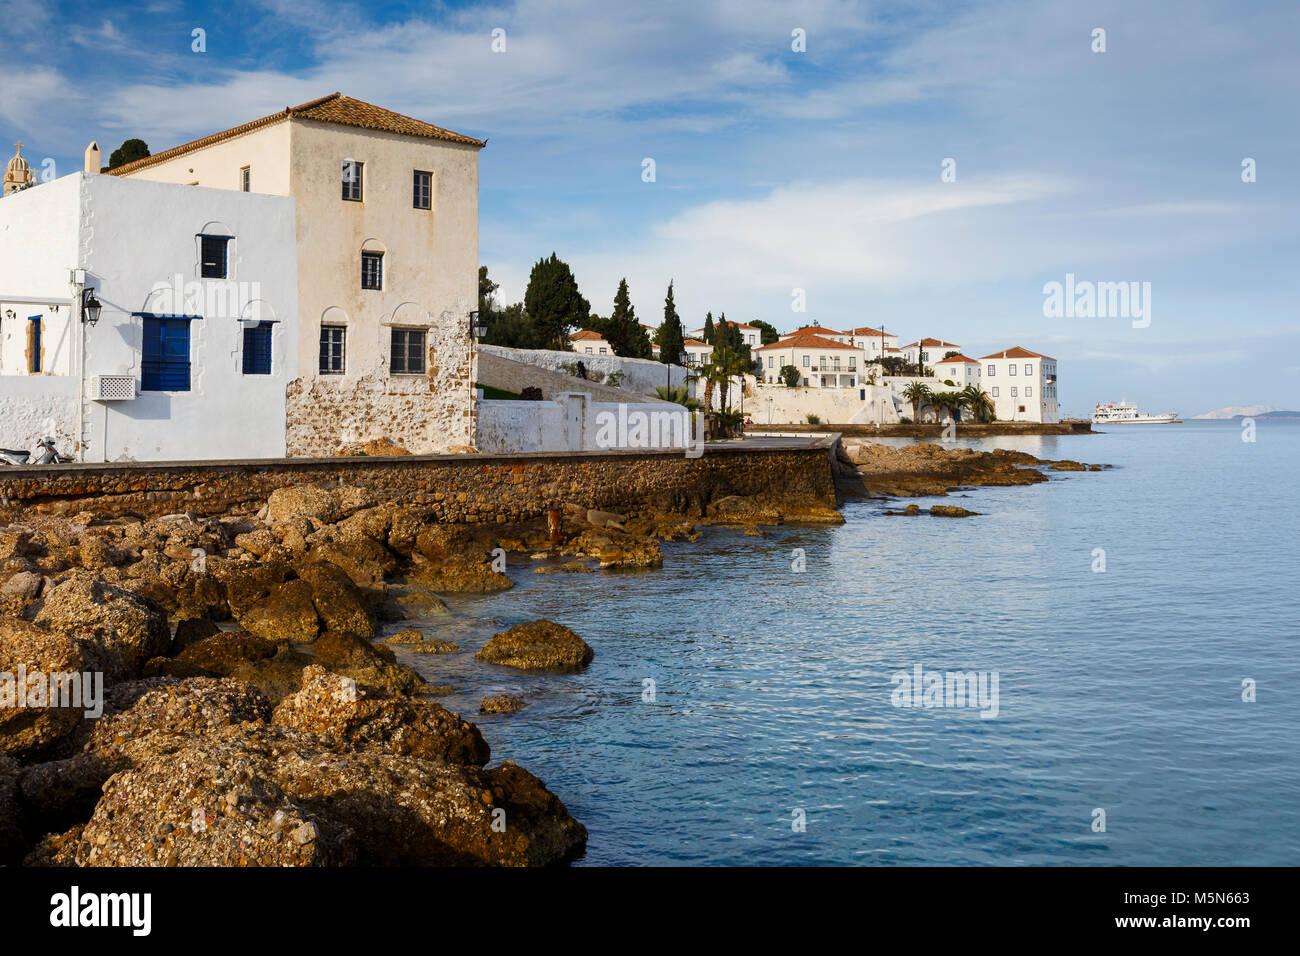 Arquitectura tradicional en Spetses Mar, Grecia. Imagen De Stock